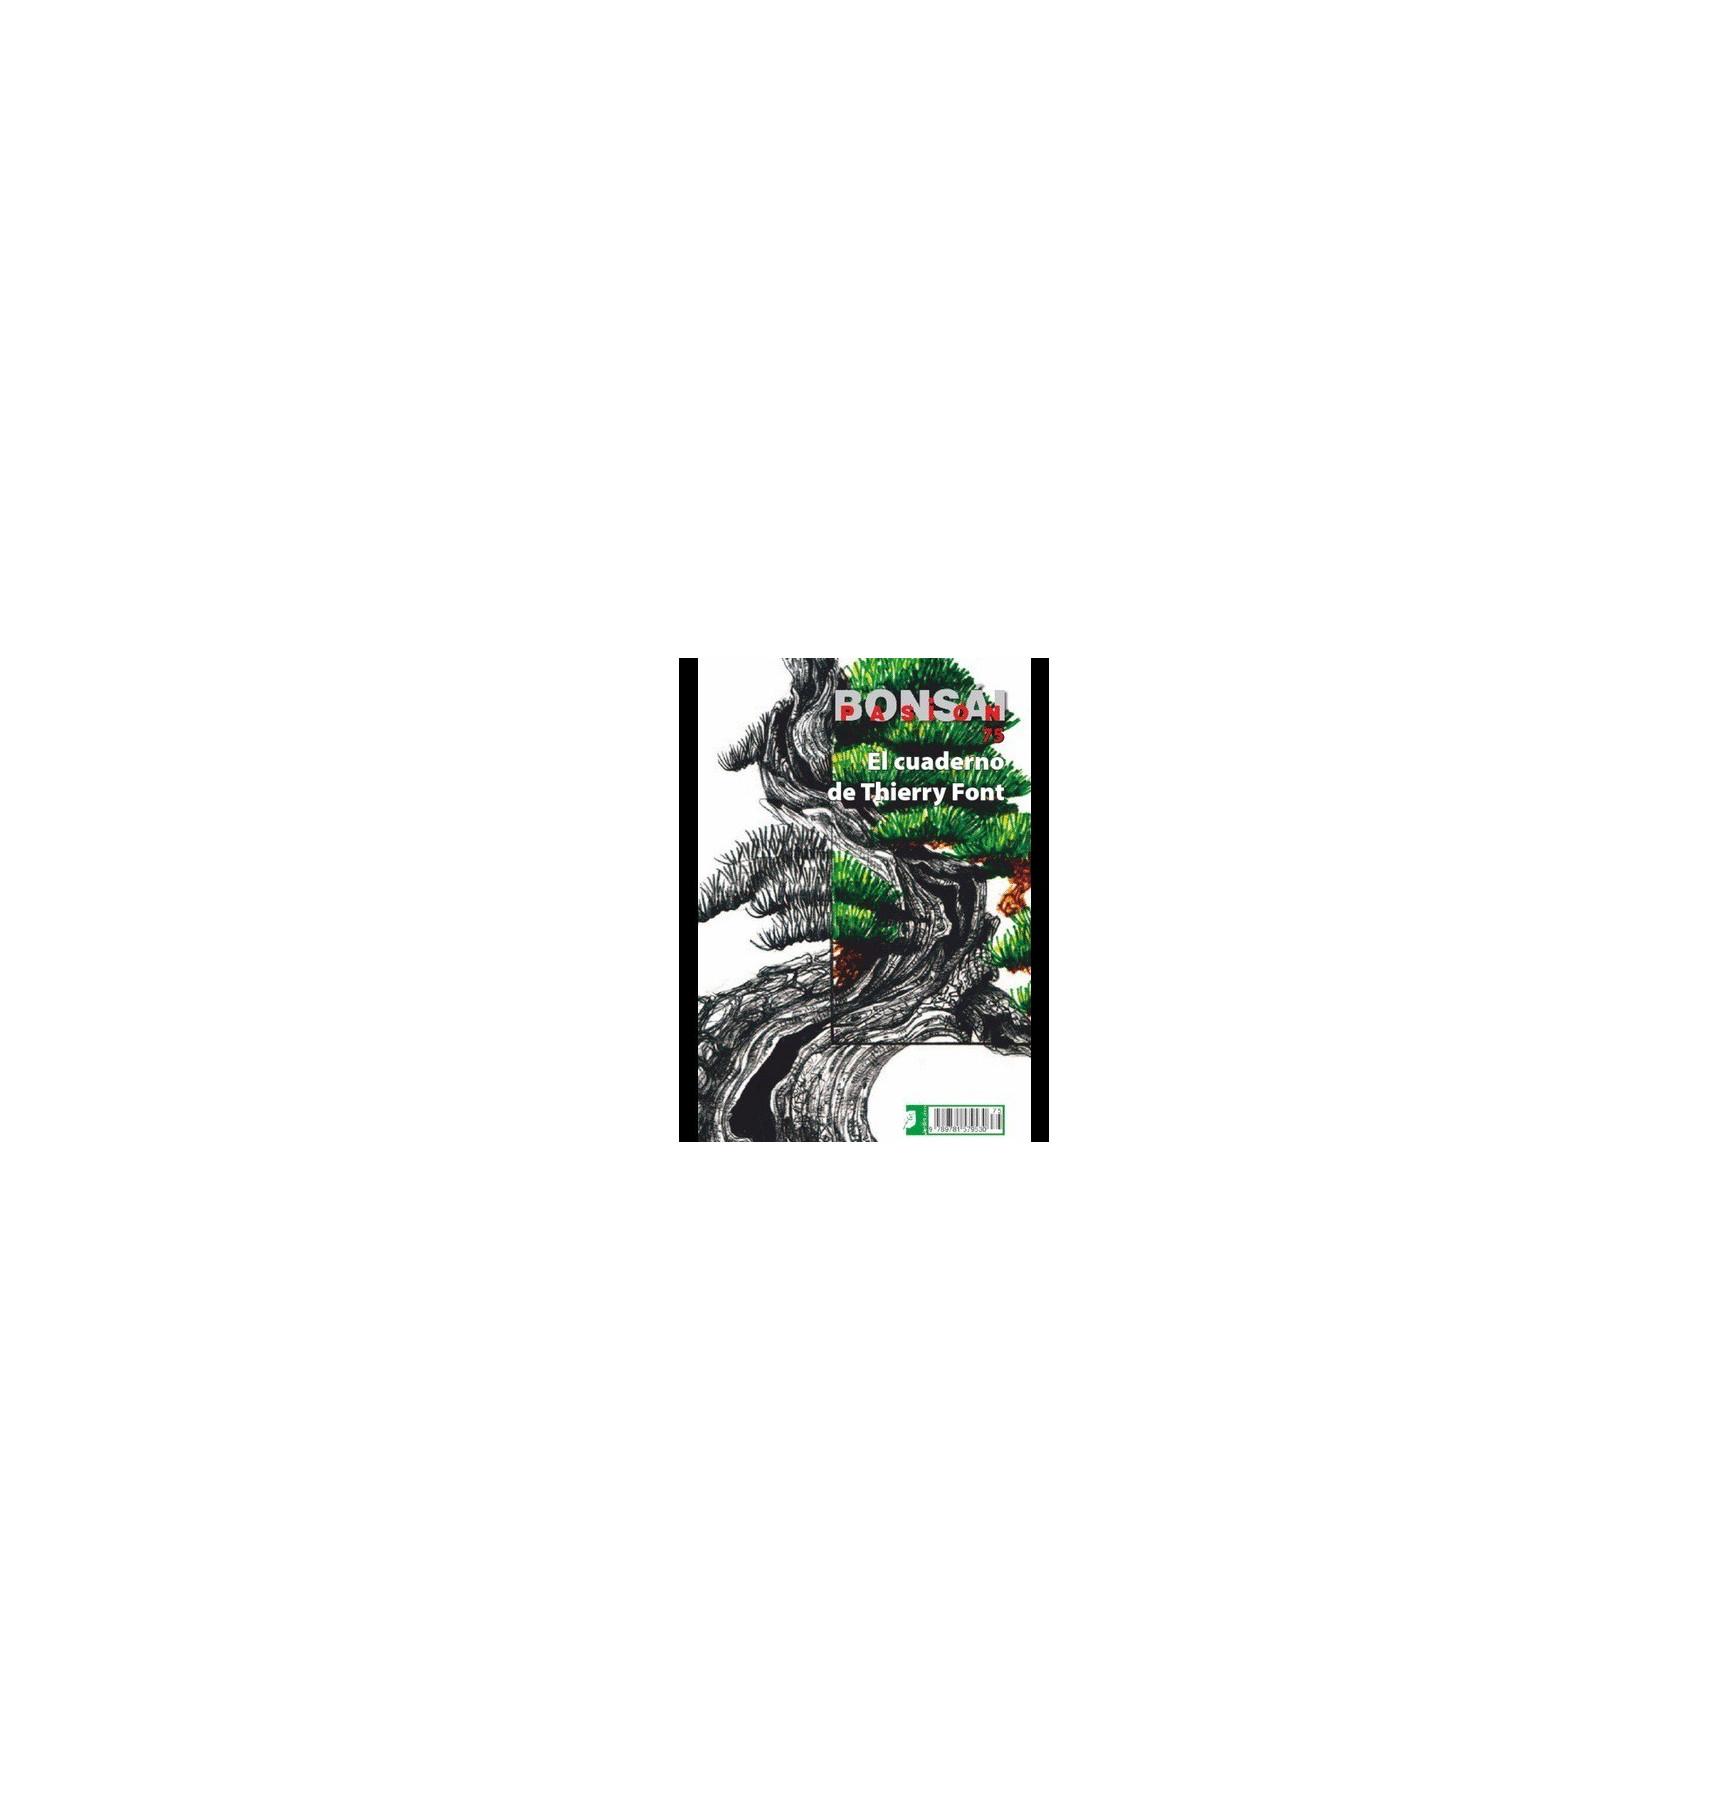 BONSAI PASION Nº75